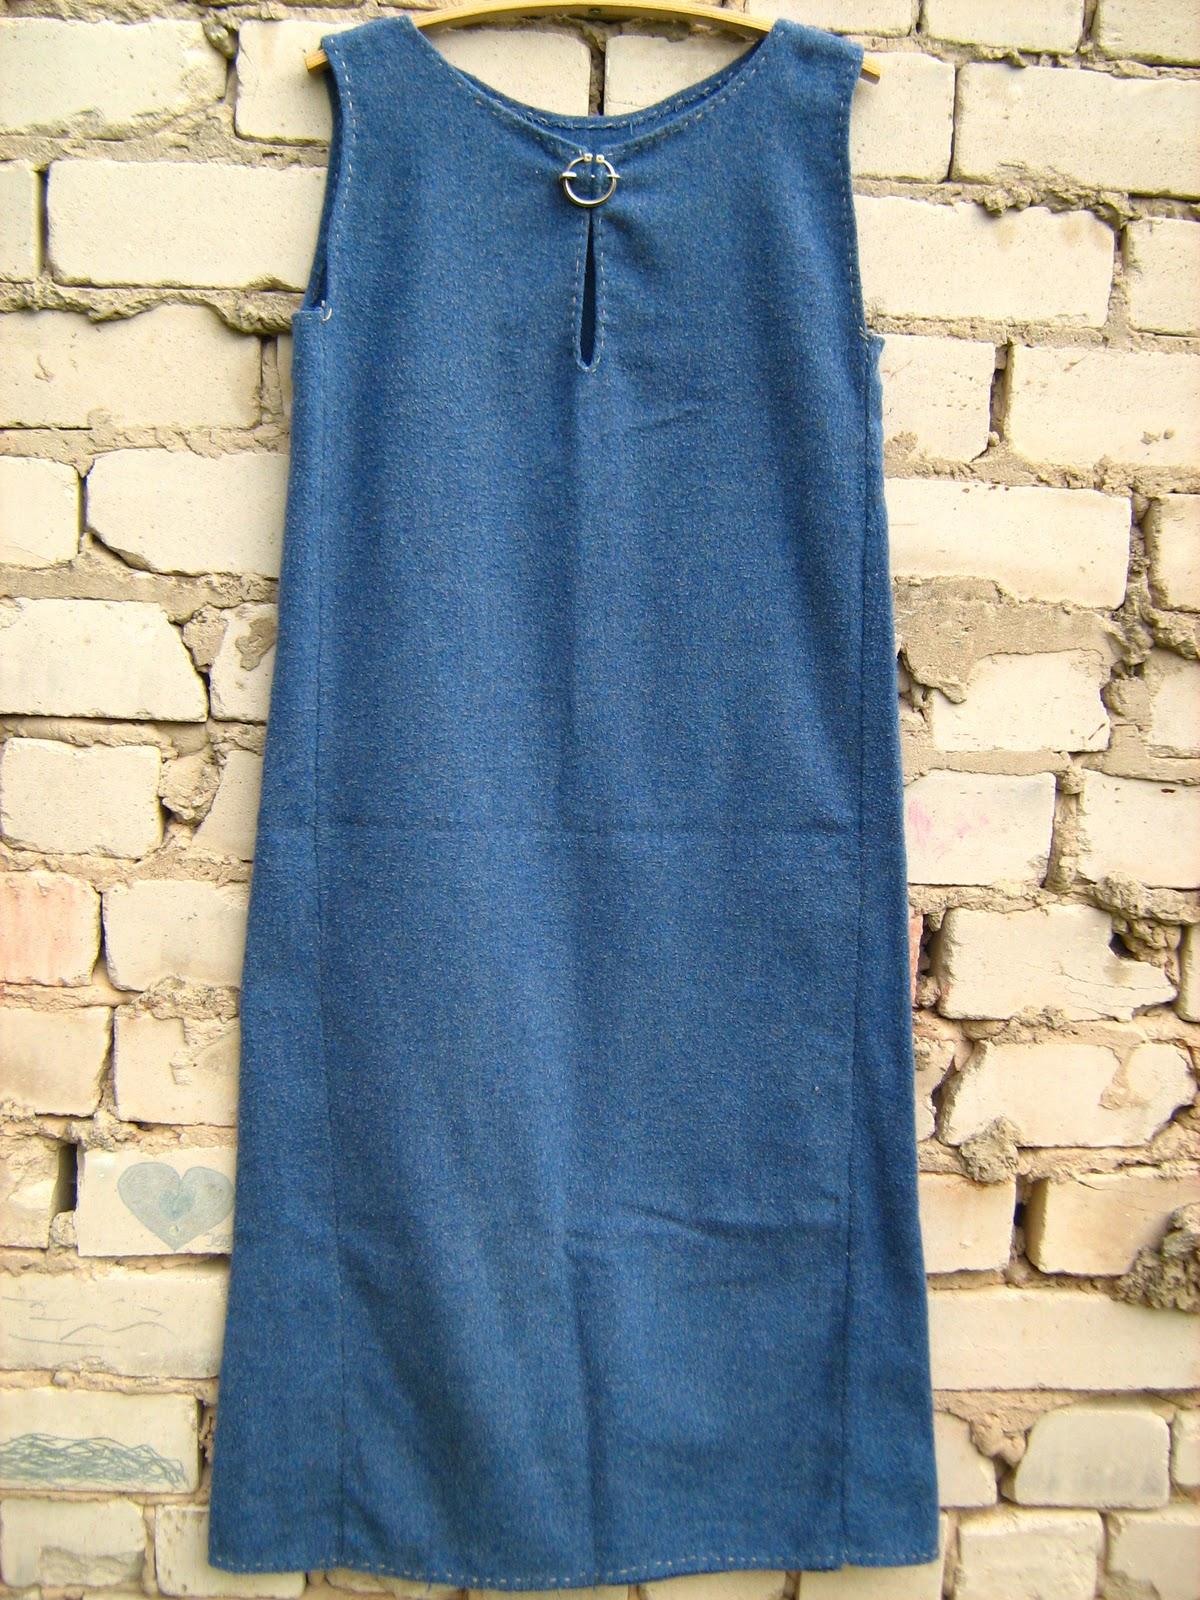 345a031d2f3 Kui tegin oma esimese linase kleidi, ostsin ka suure tüki sinist villast  riiet, millest sain endale sõba ja ka ühe ilma varrukateta kleidi.